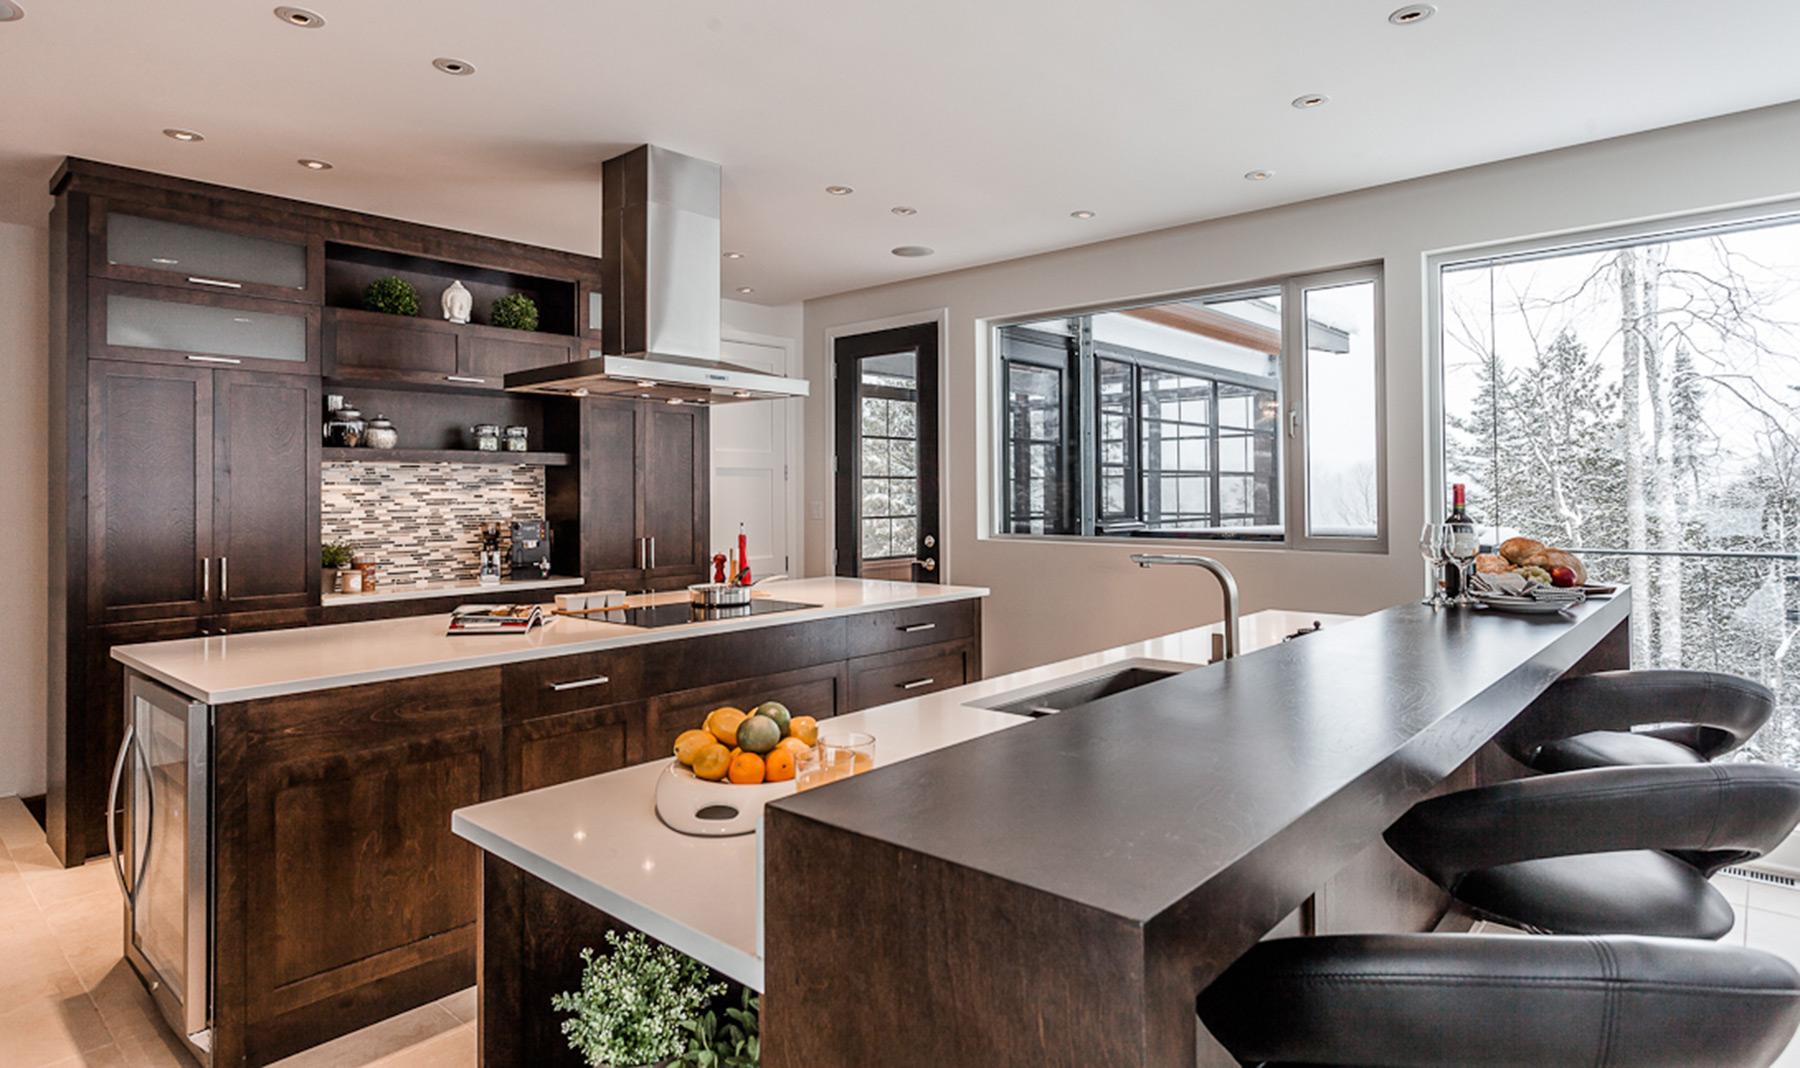 cuisine contemporaine en bois et comptoir de quartz armodec. Black Bedroom Furniture Sets. Home Design Ideas